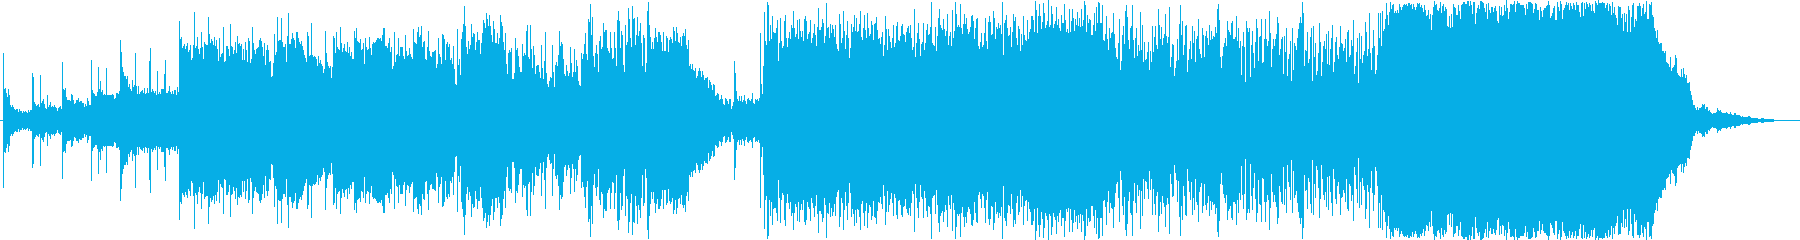 古くから歌い継がれる舟唄と広がる大海原…の再生済みの波形